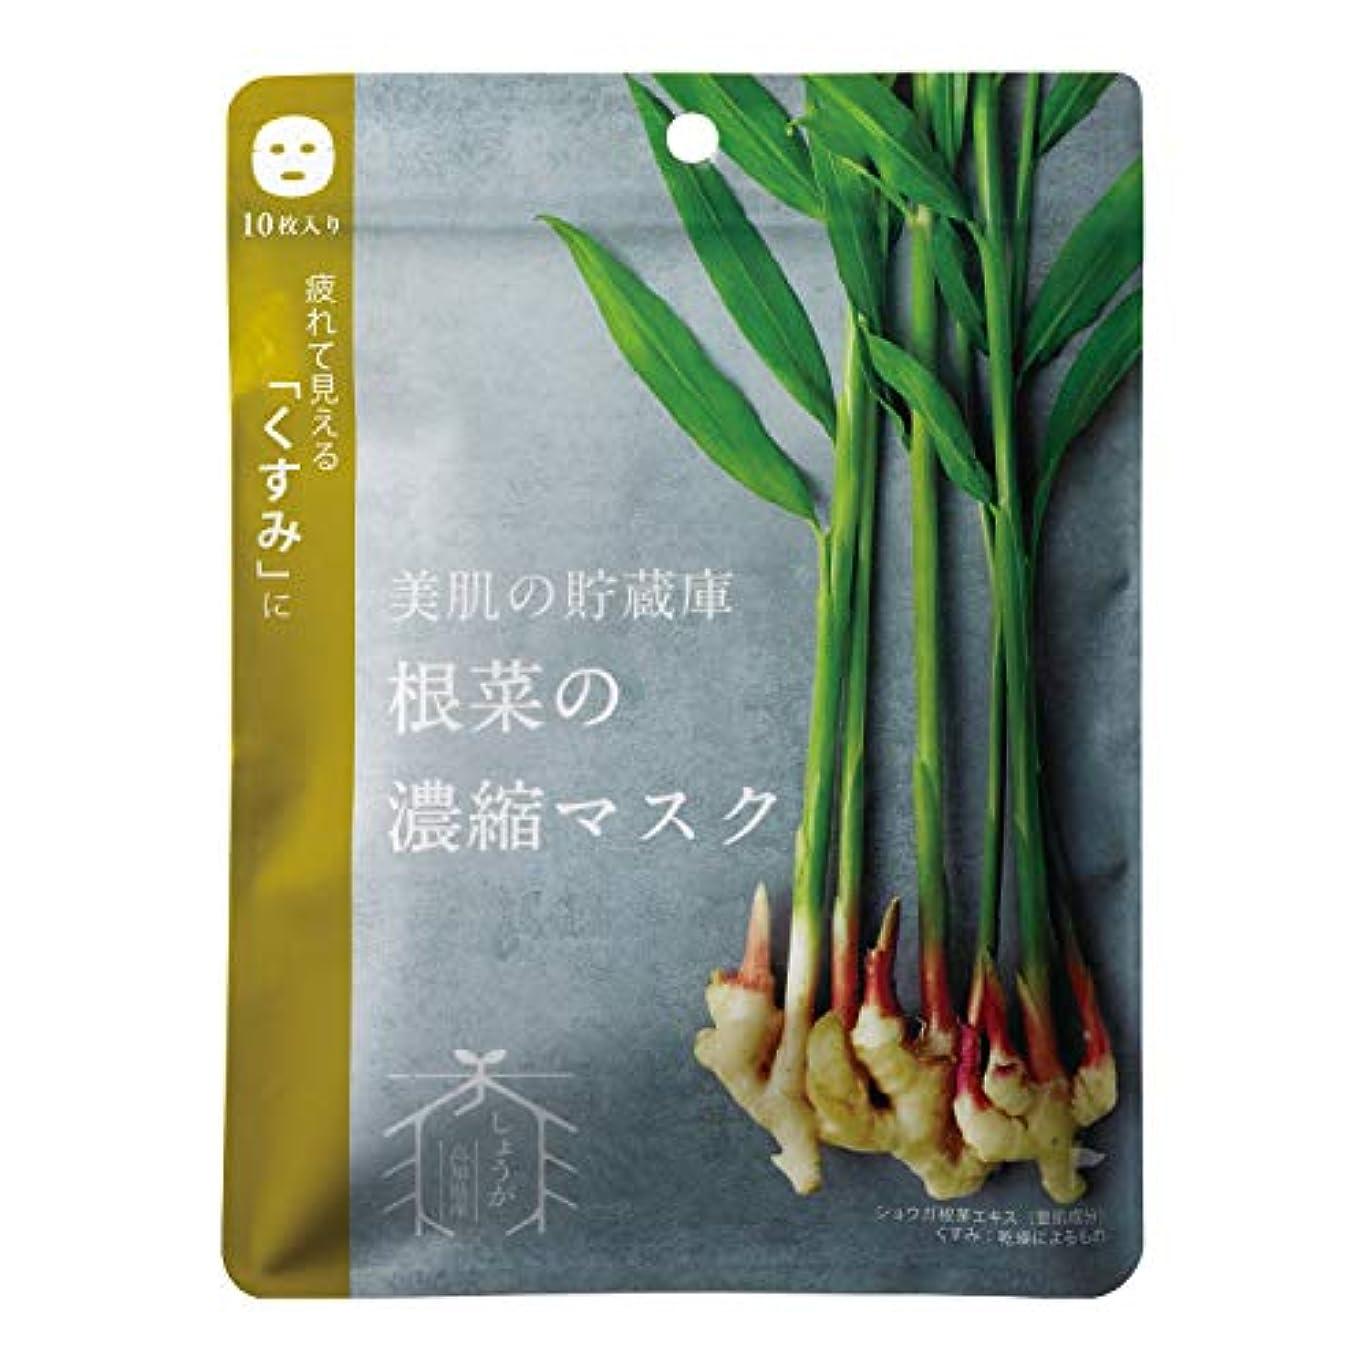 裁定バイオリン本物@cosme nippon 美肌の貯蔵庫 根菜の濃縮マスク 土佐一しょうが 10枚 160ml